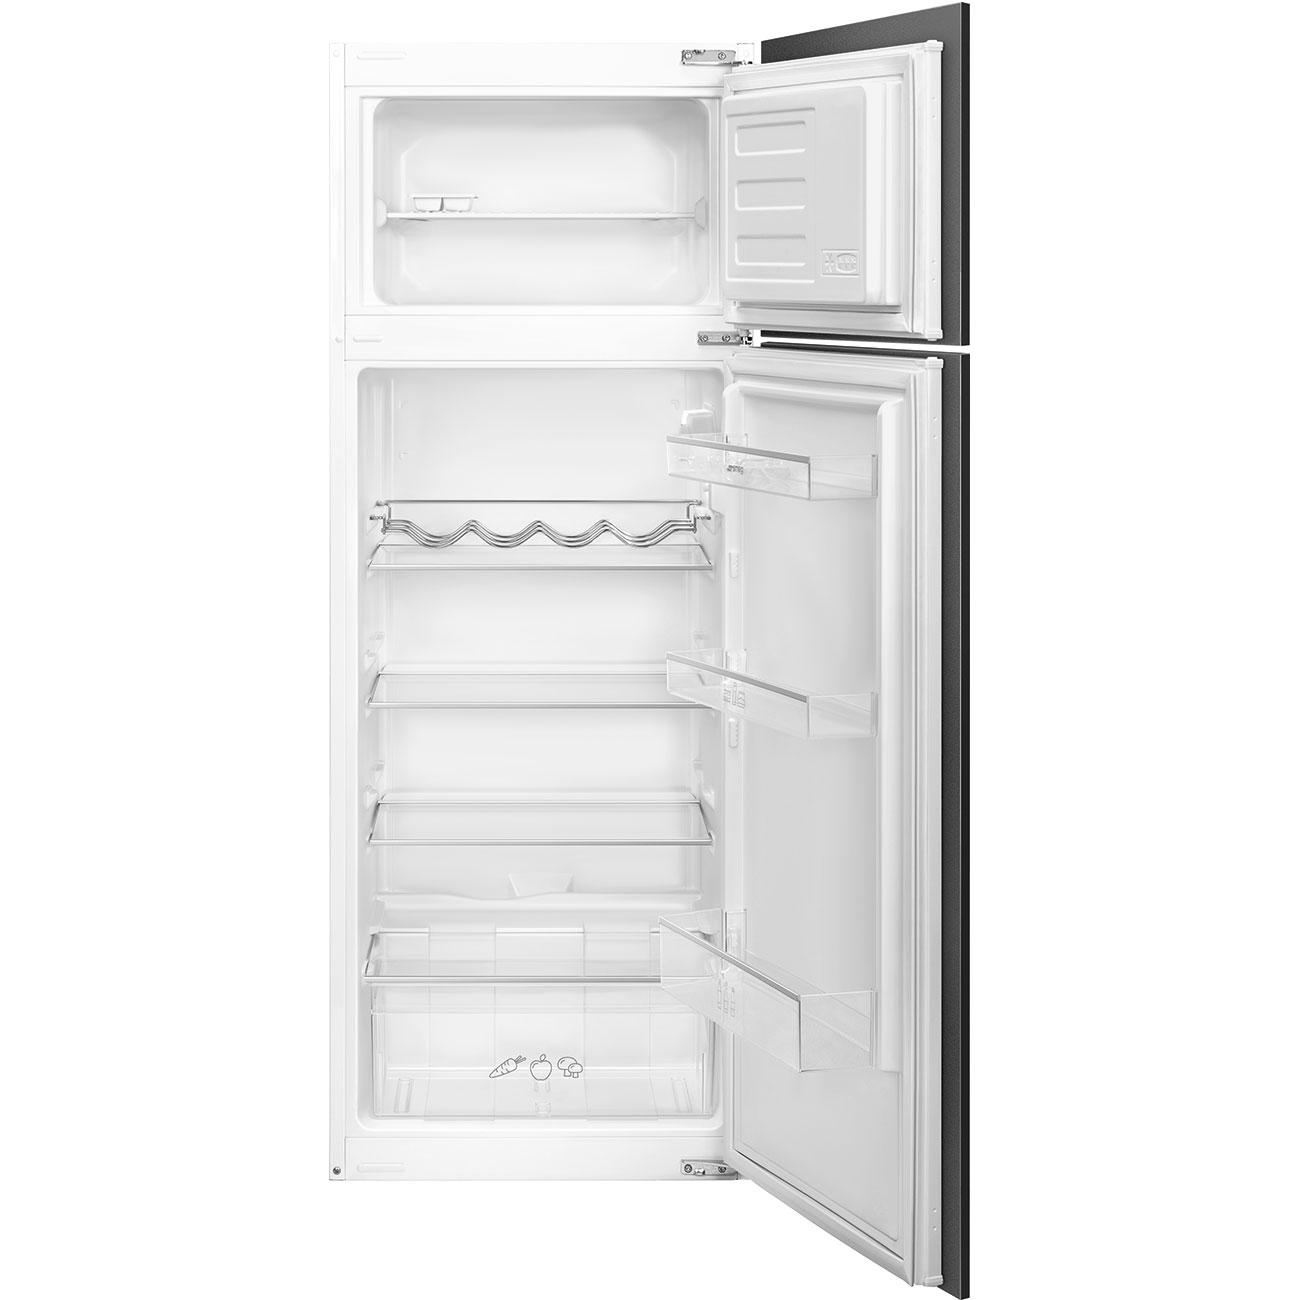 Smeg D8140F frigorifero con congelatore Da incasso Bianco 220 L A+